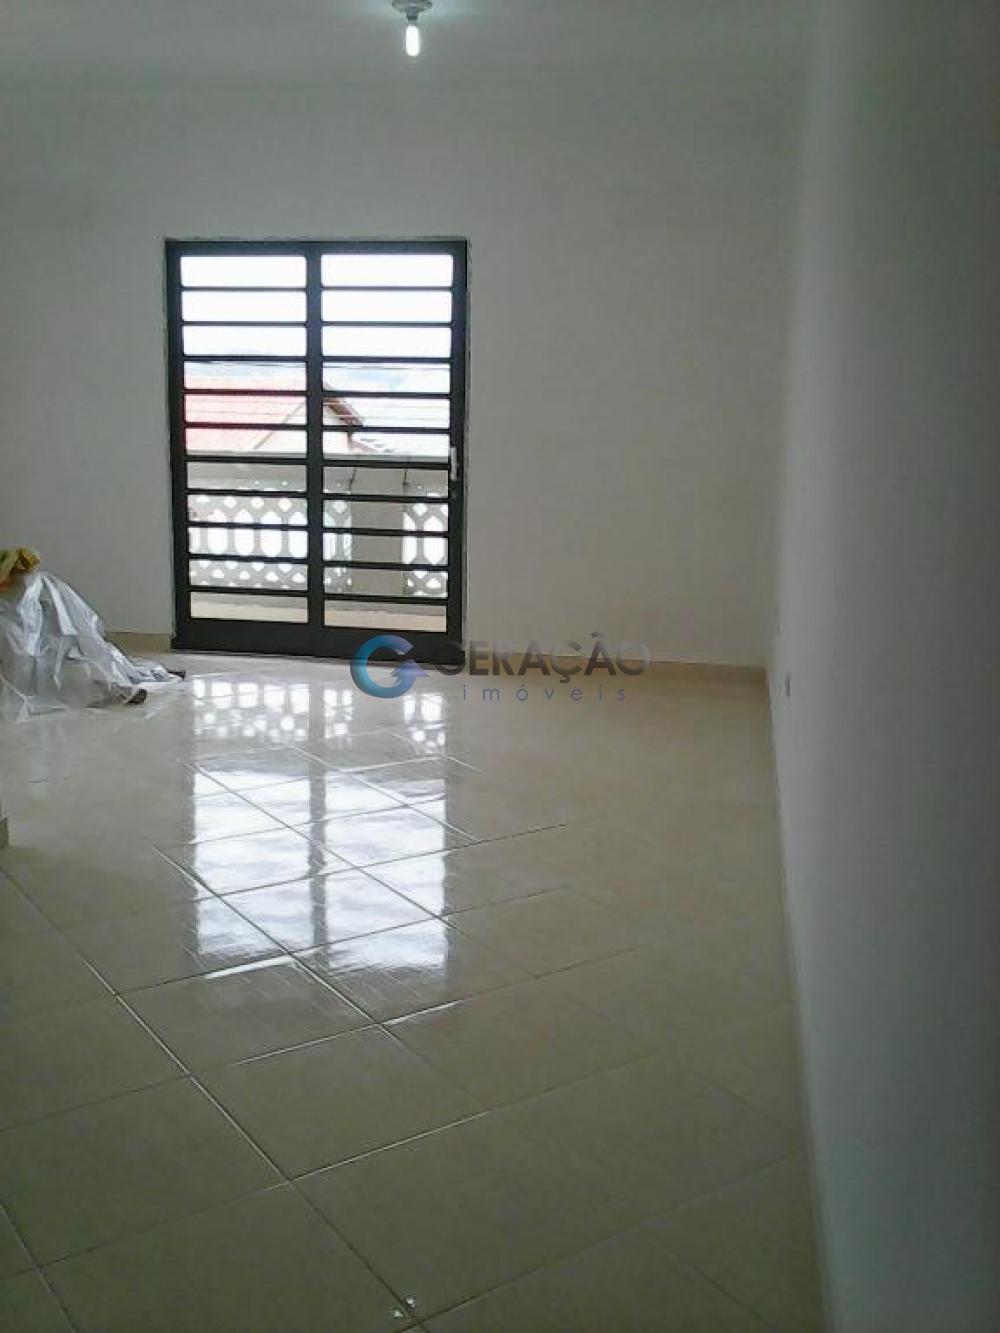 Comprar Casa / Padrão em São José dos Campos R$ 255.000,00 - Foto 6